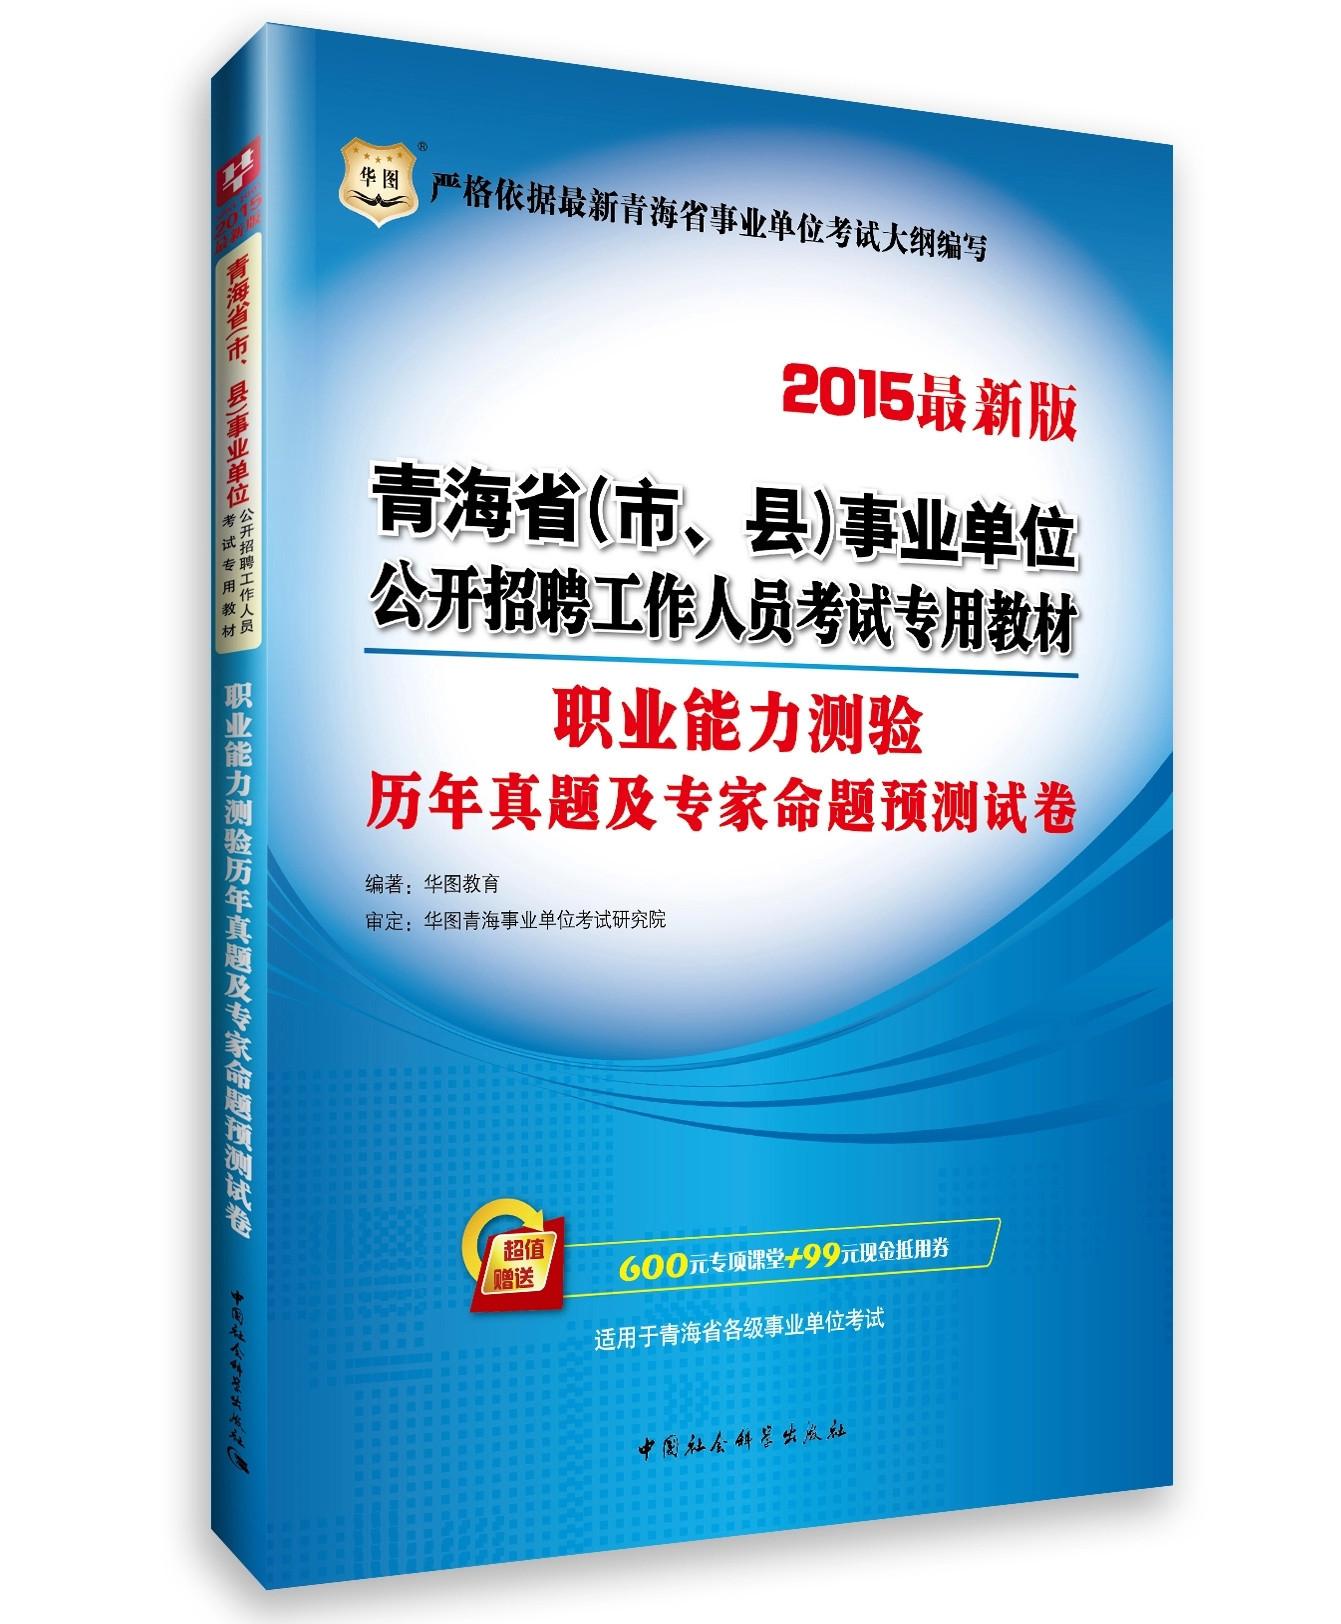 《华图2015青海省事业单位考试用书